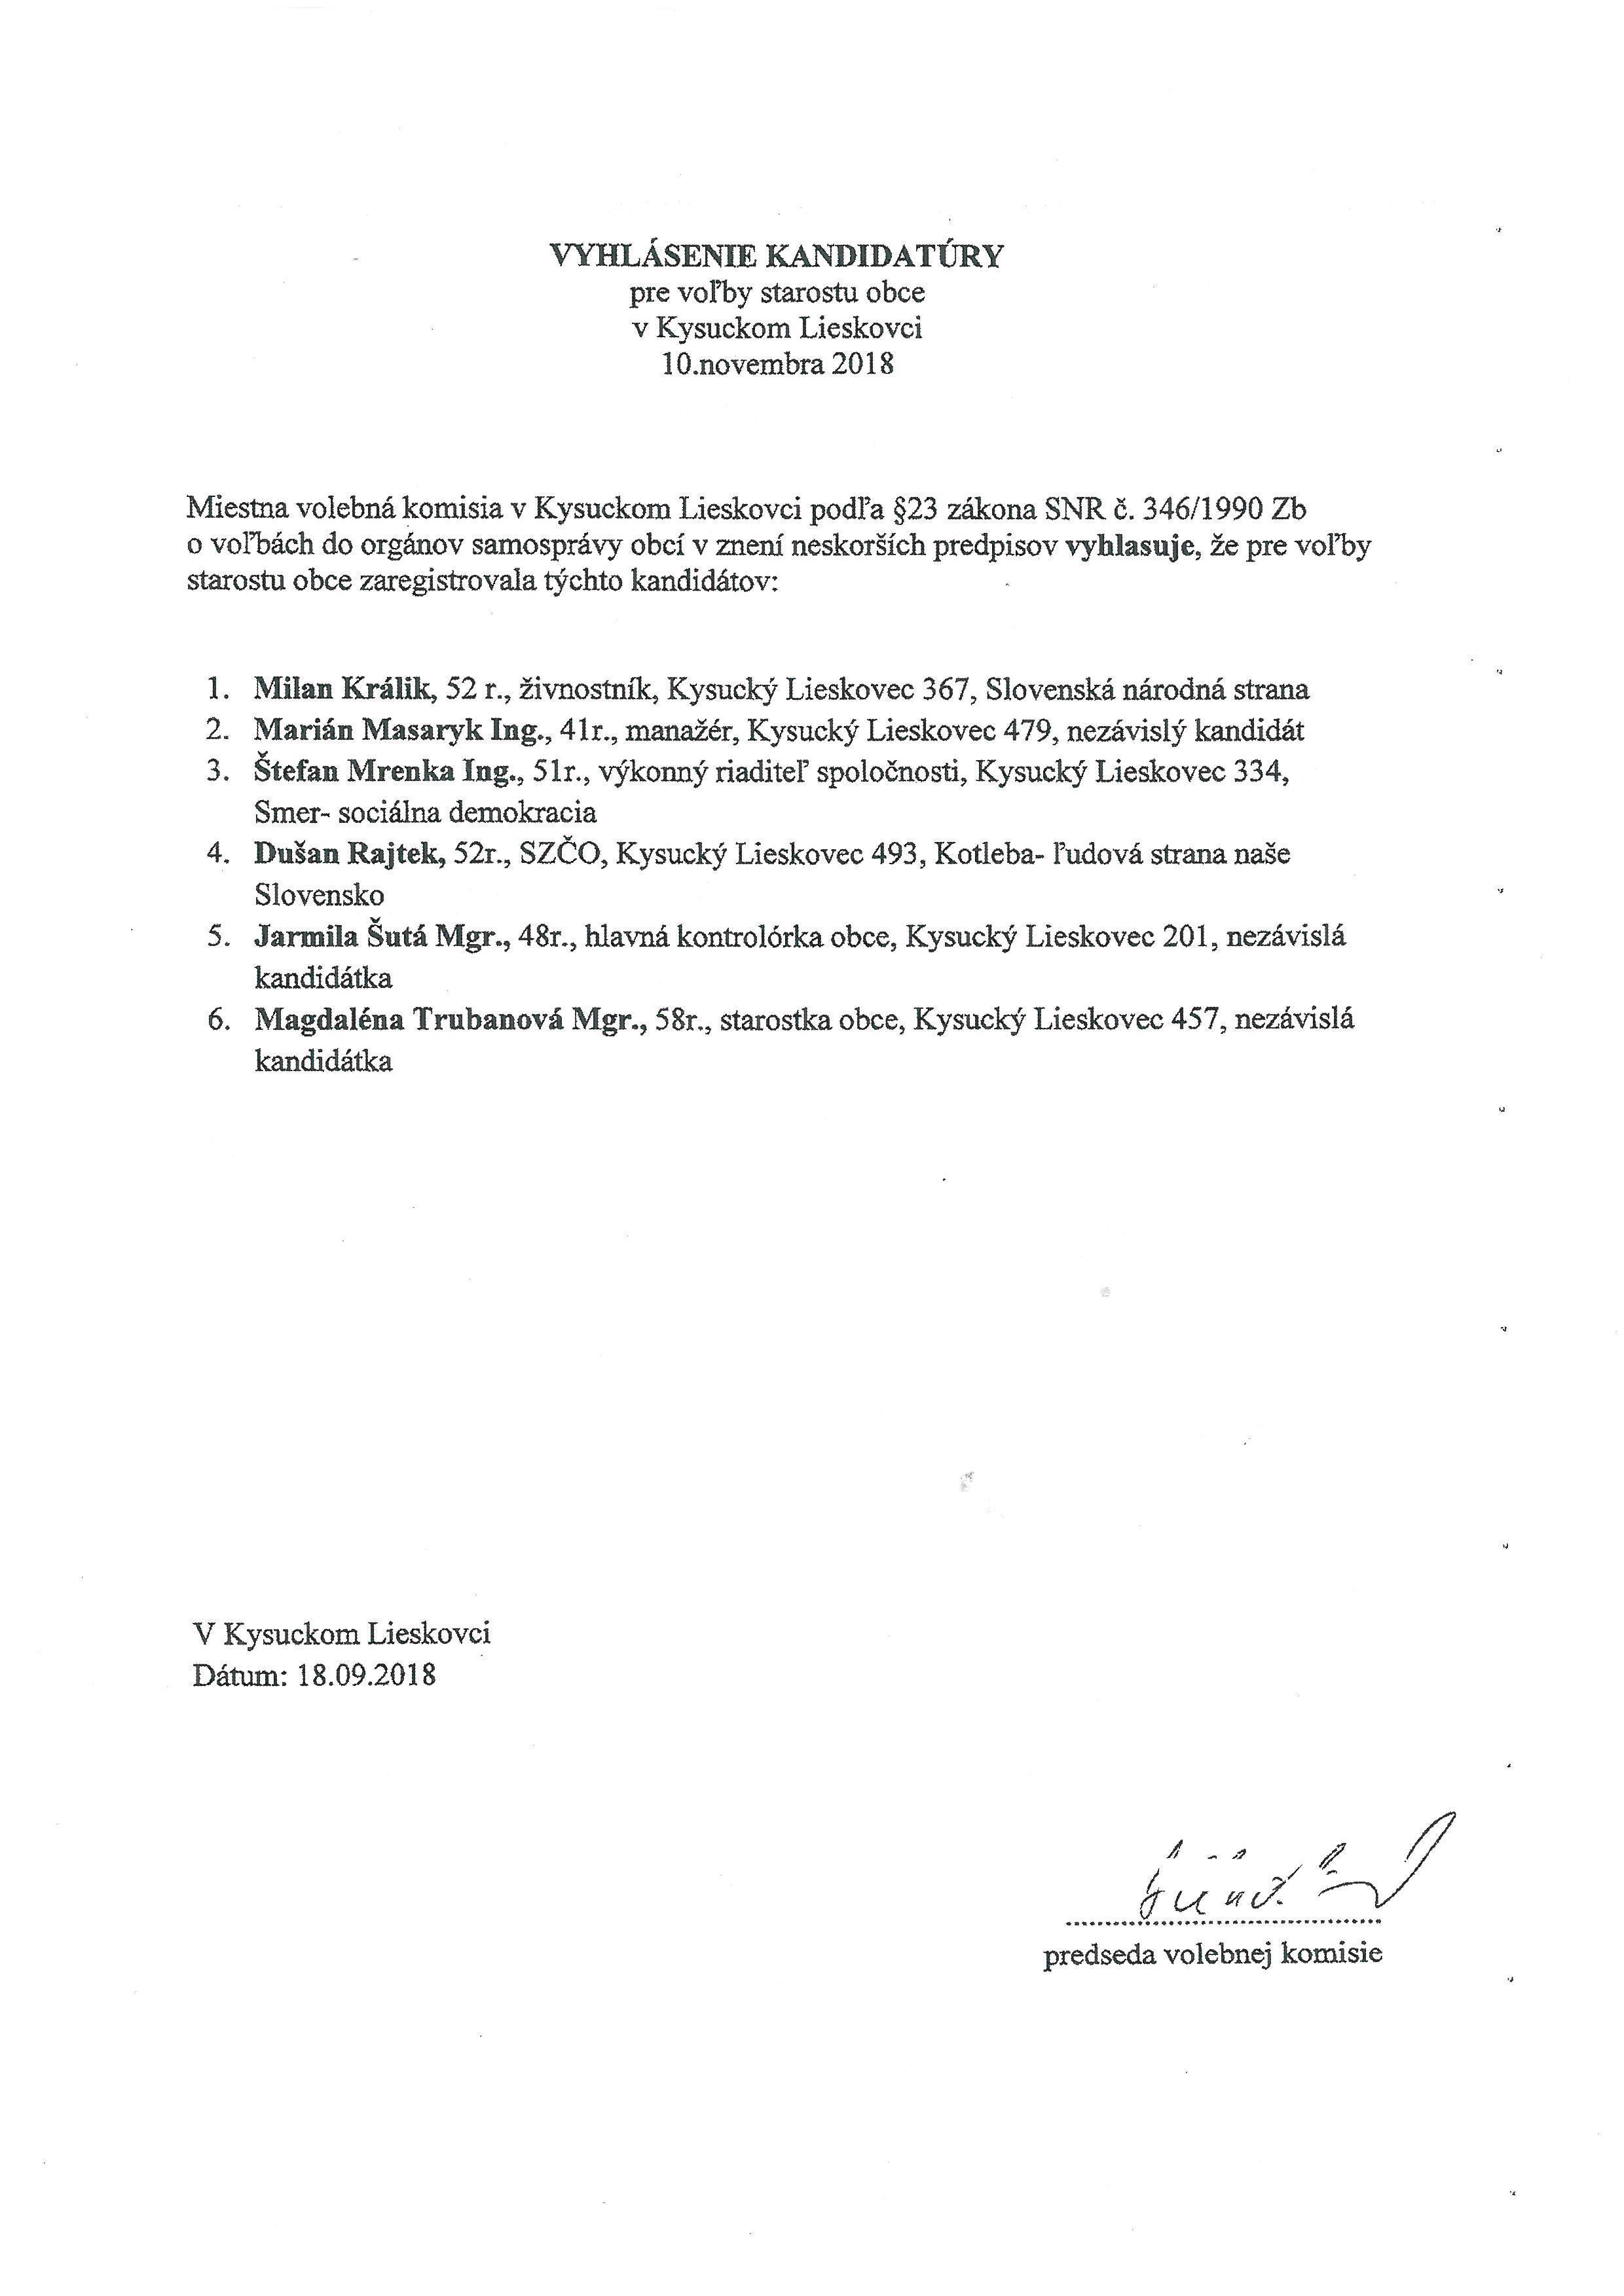 Vyhlásenie kandidatúry pre voľby starostu obce v Kysuckom Lieskovci